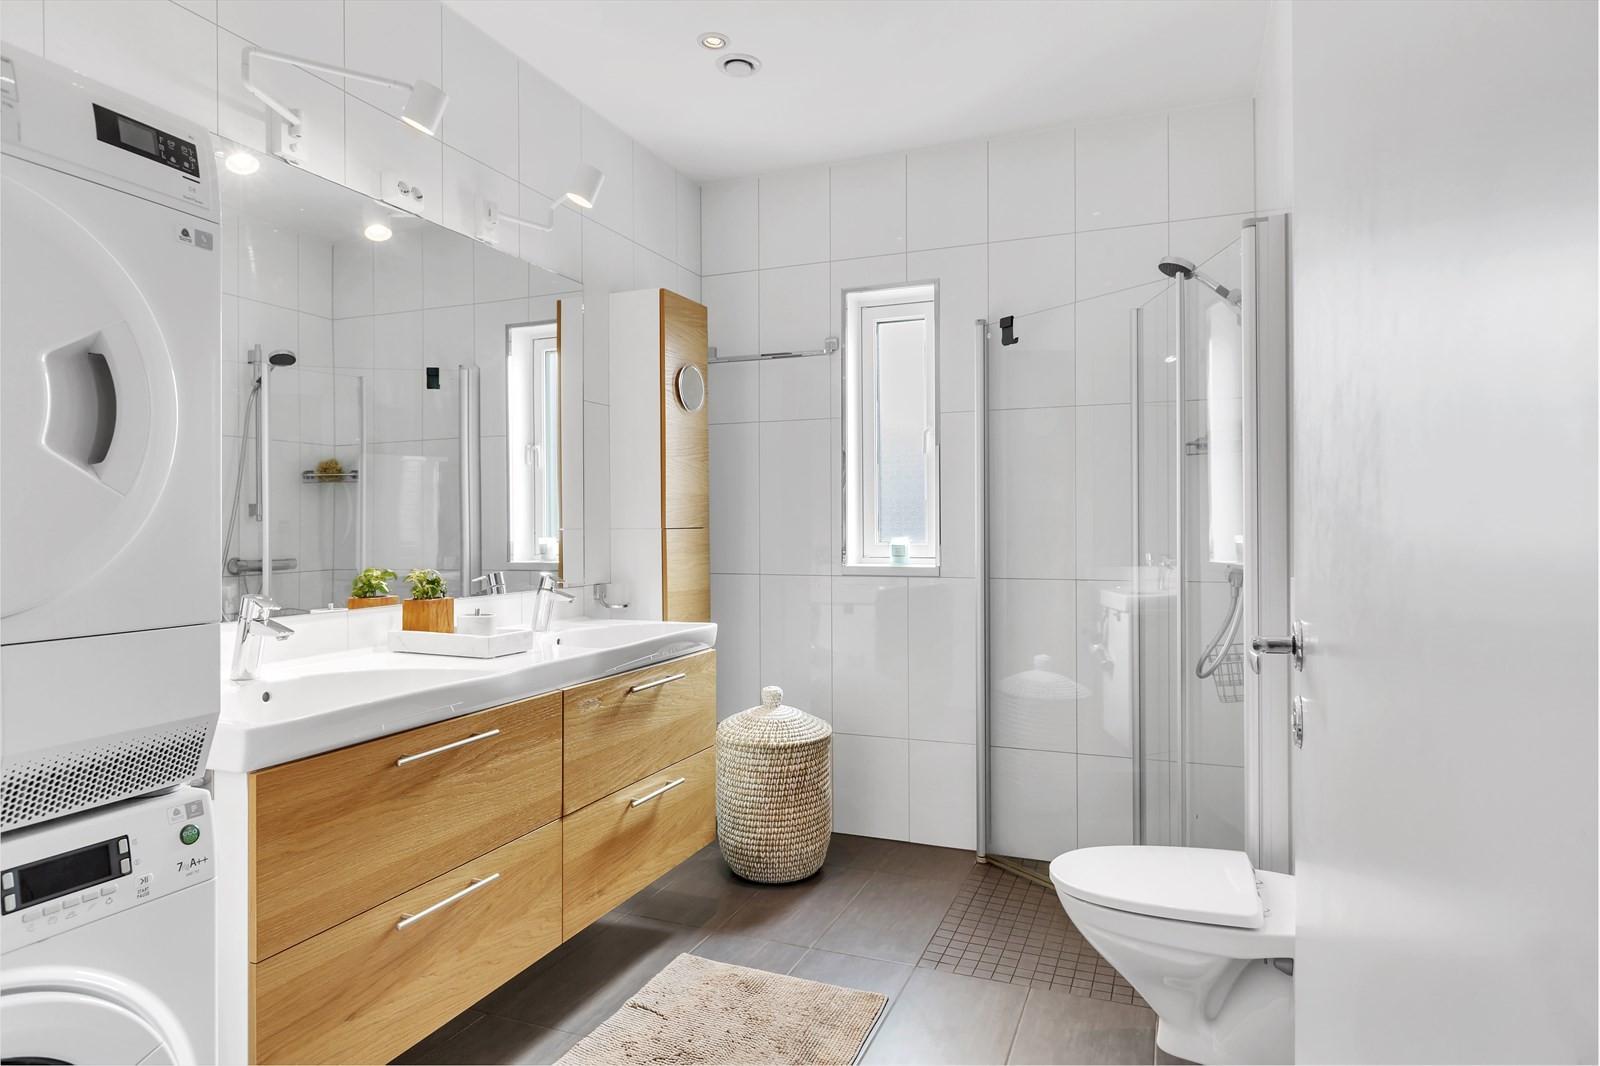 Badet er pent. Fliser både på gulv og vegger. Mosaikk i dusjsonen